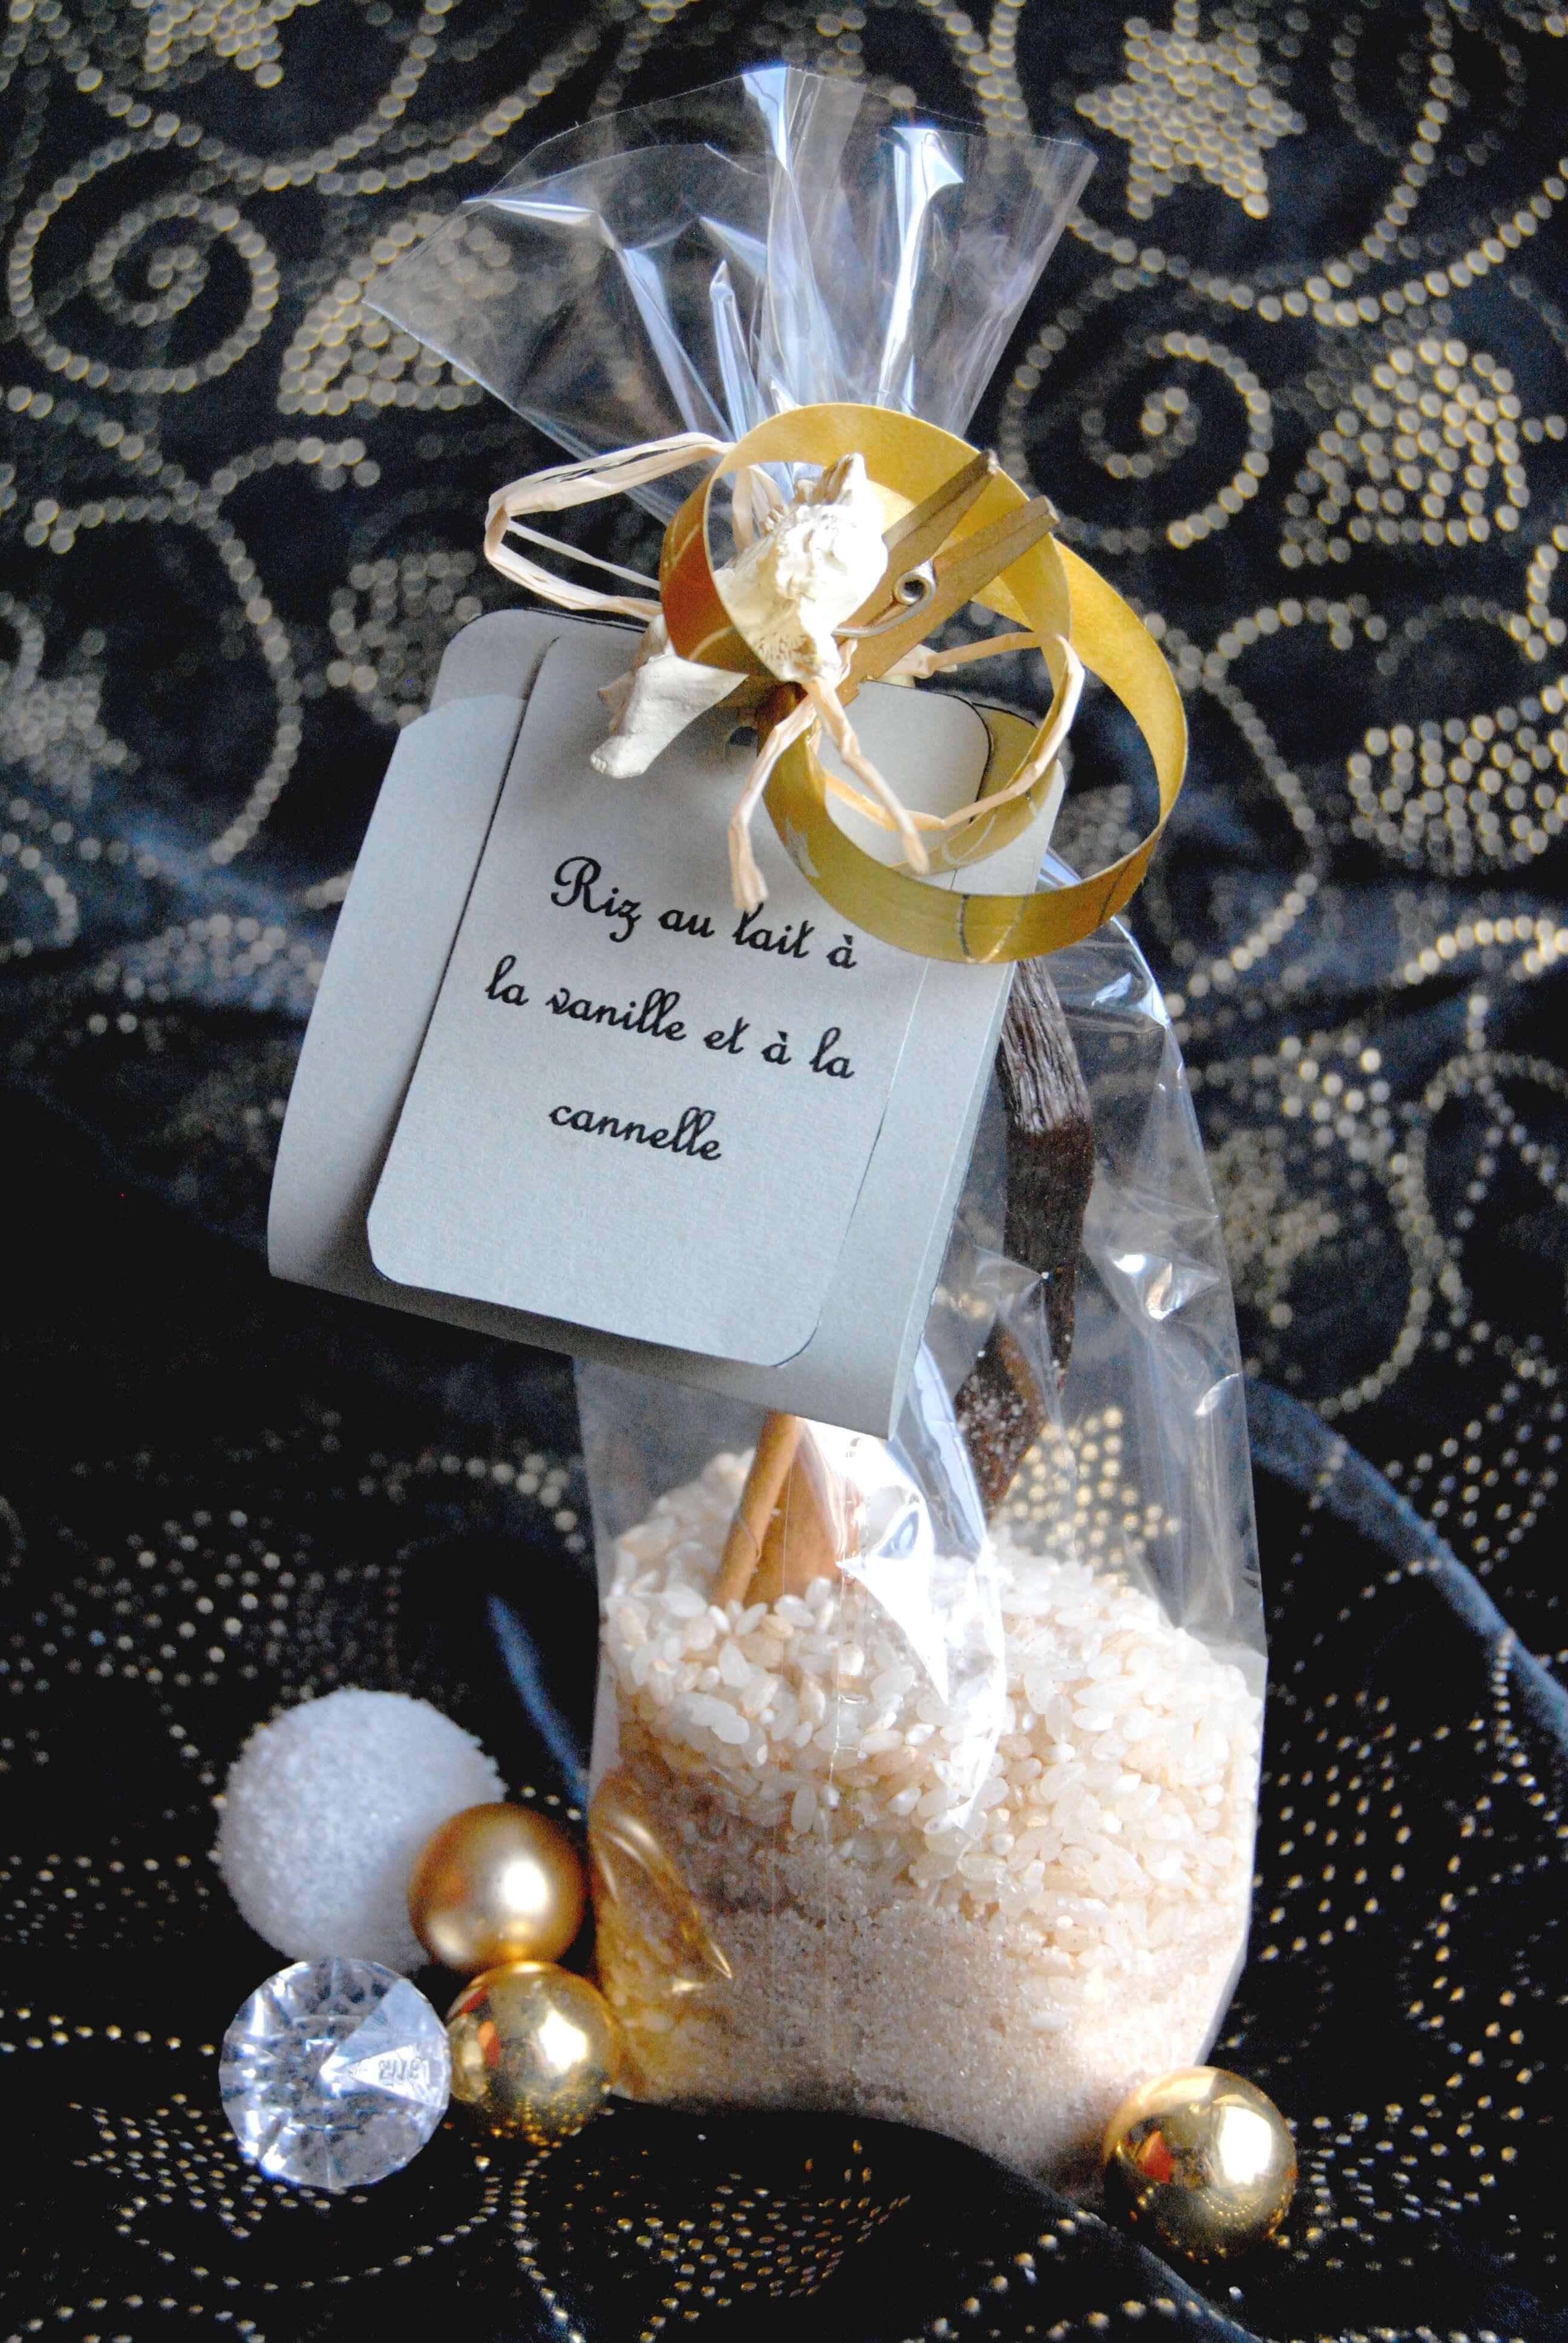 Kit riz au lait cadeau gourmand maison recettes my girly popotte - Riz au lait maison ...